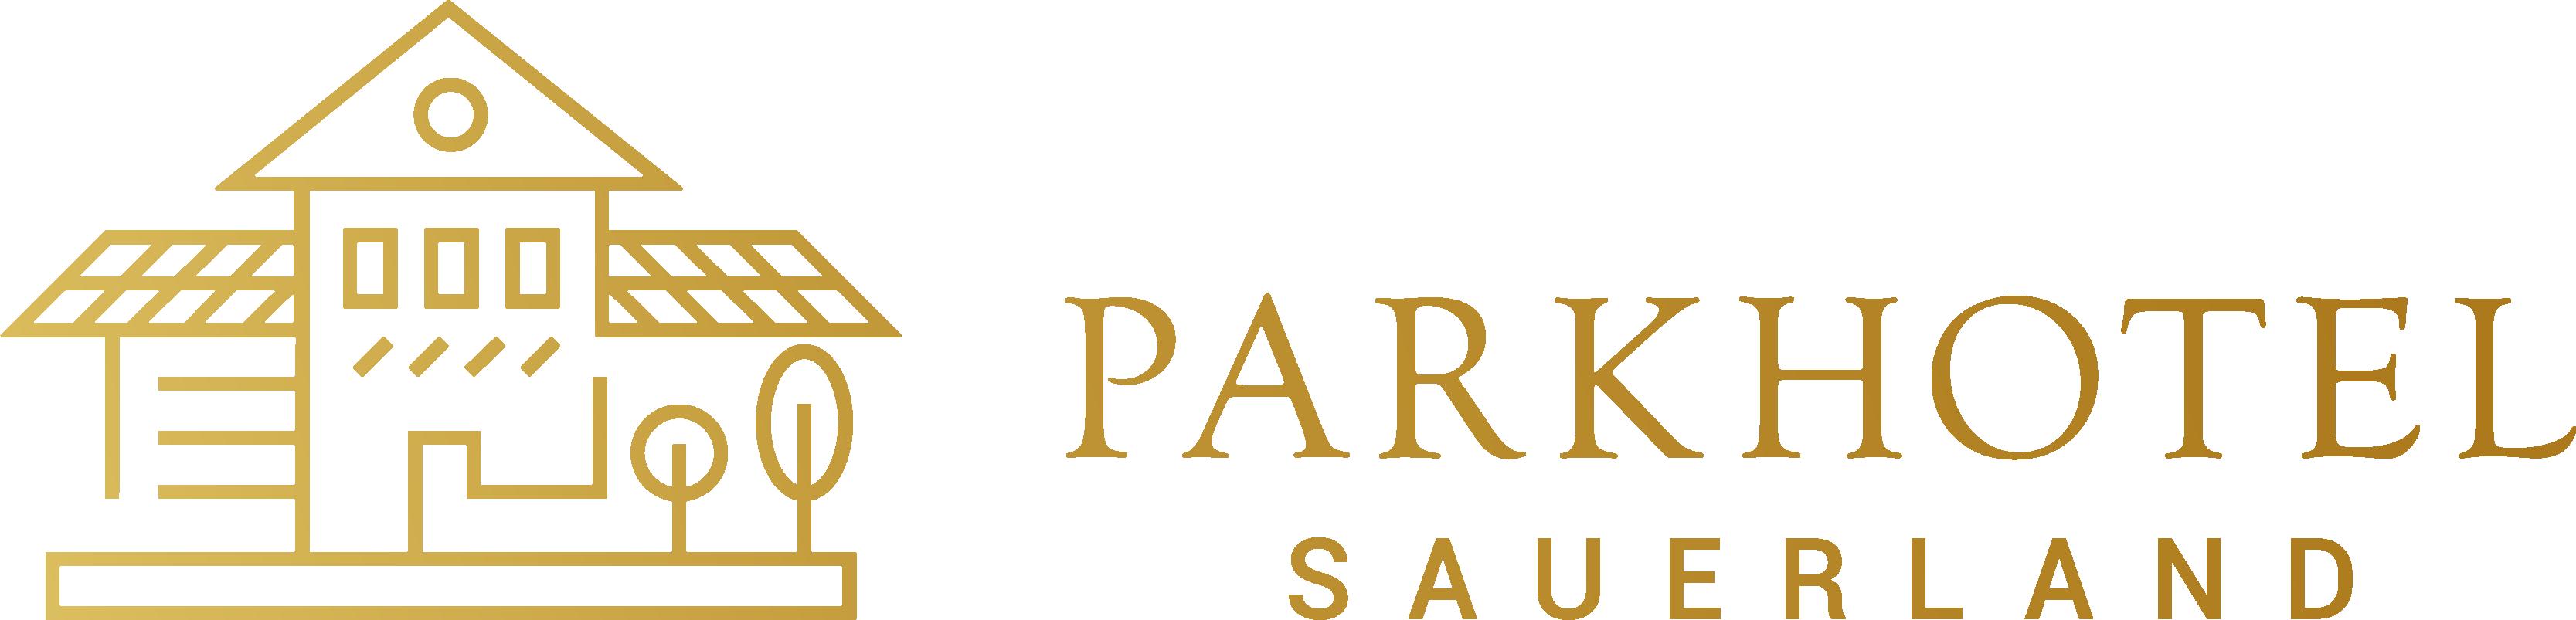 Parkhotel Sauerland